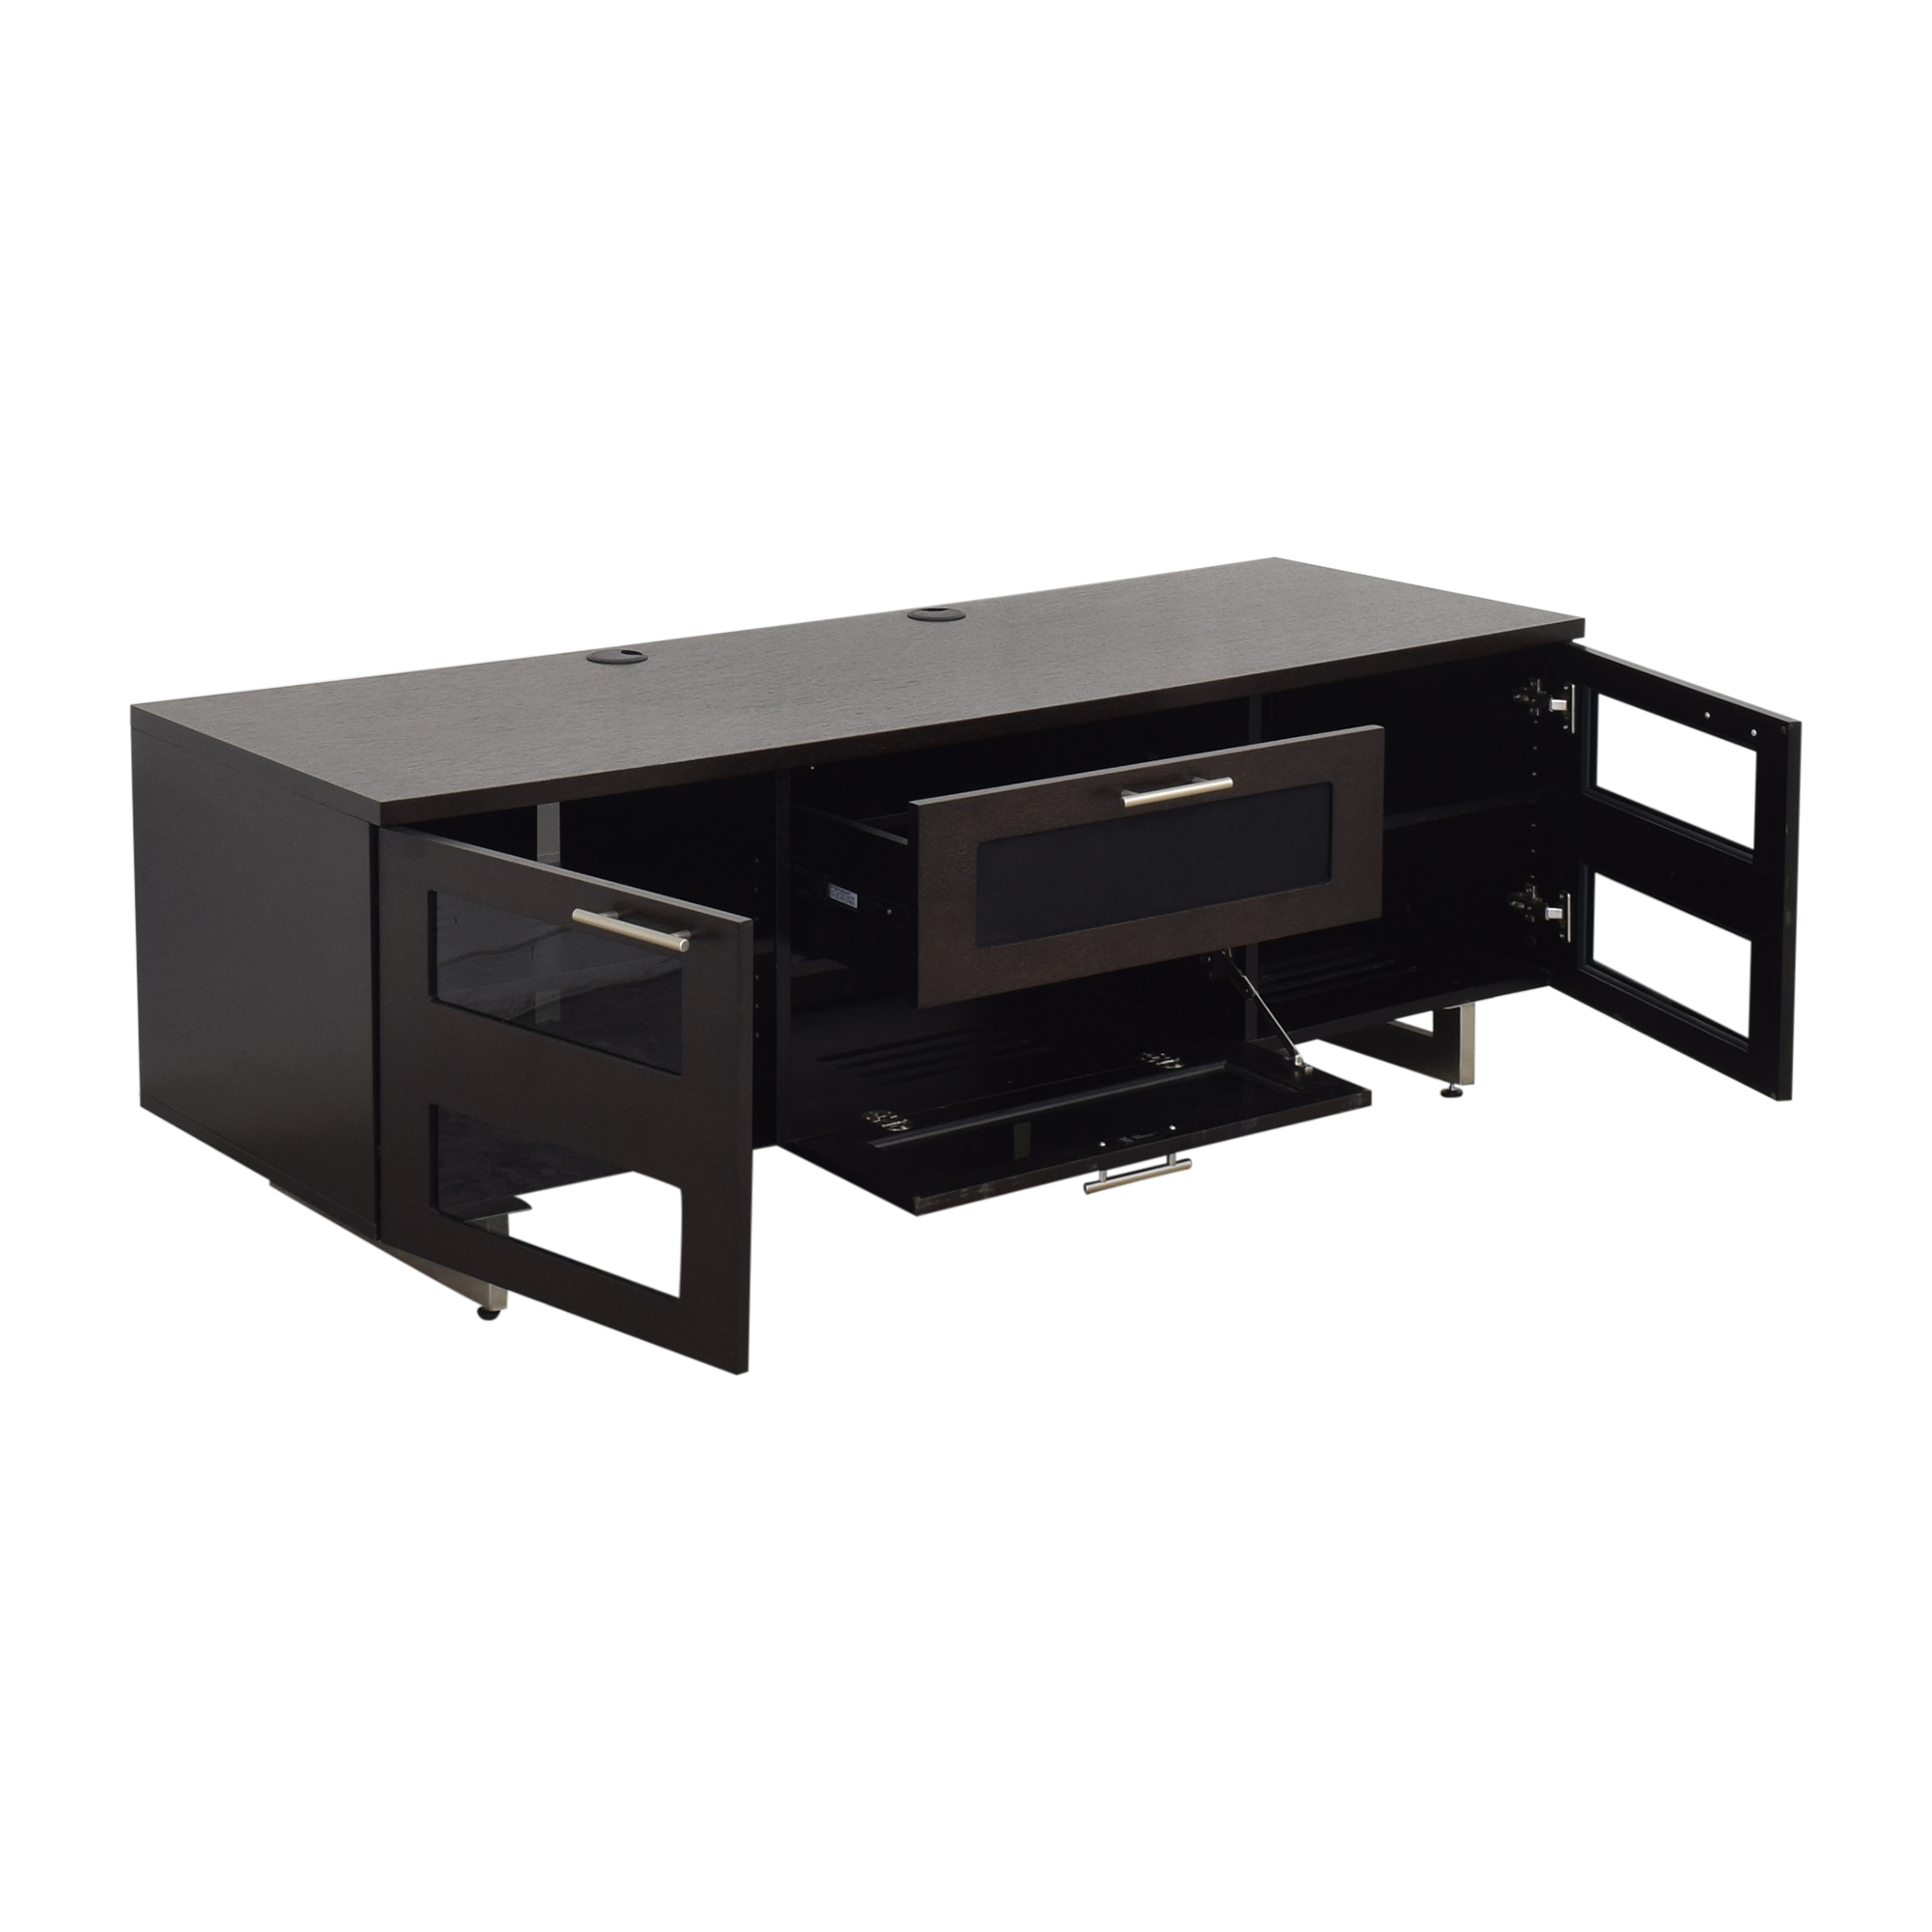 BDI Furniture BDI Furniture Avion TV Cabinet Storage